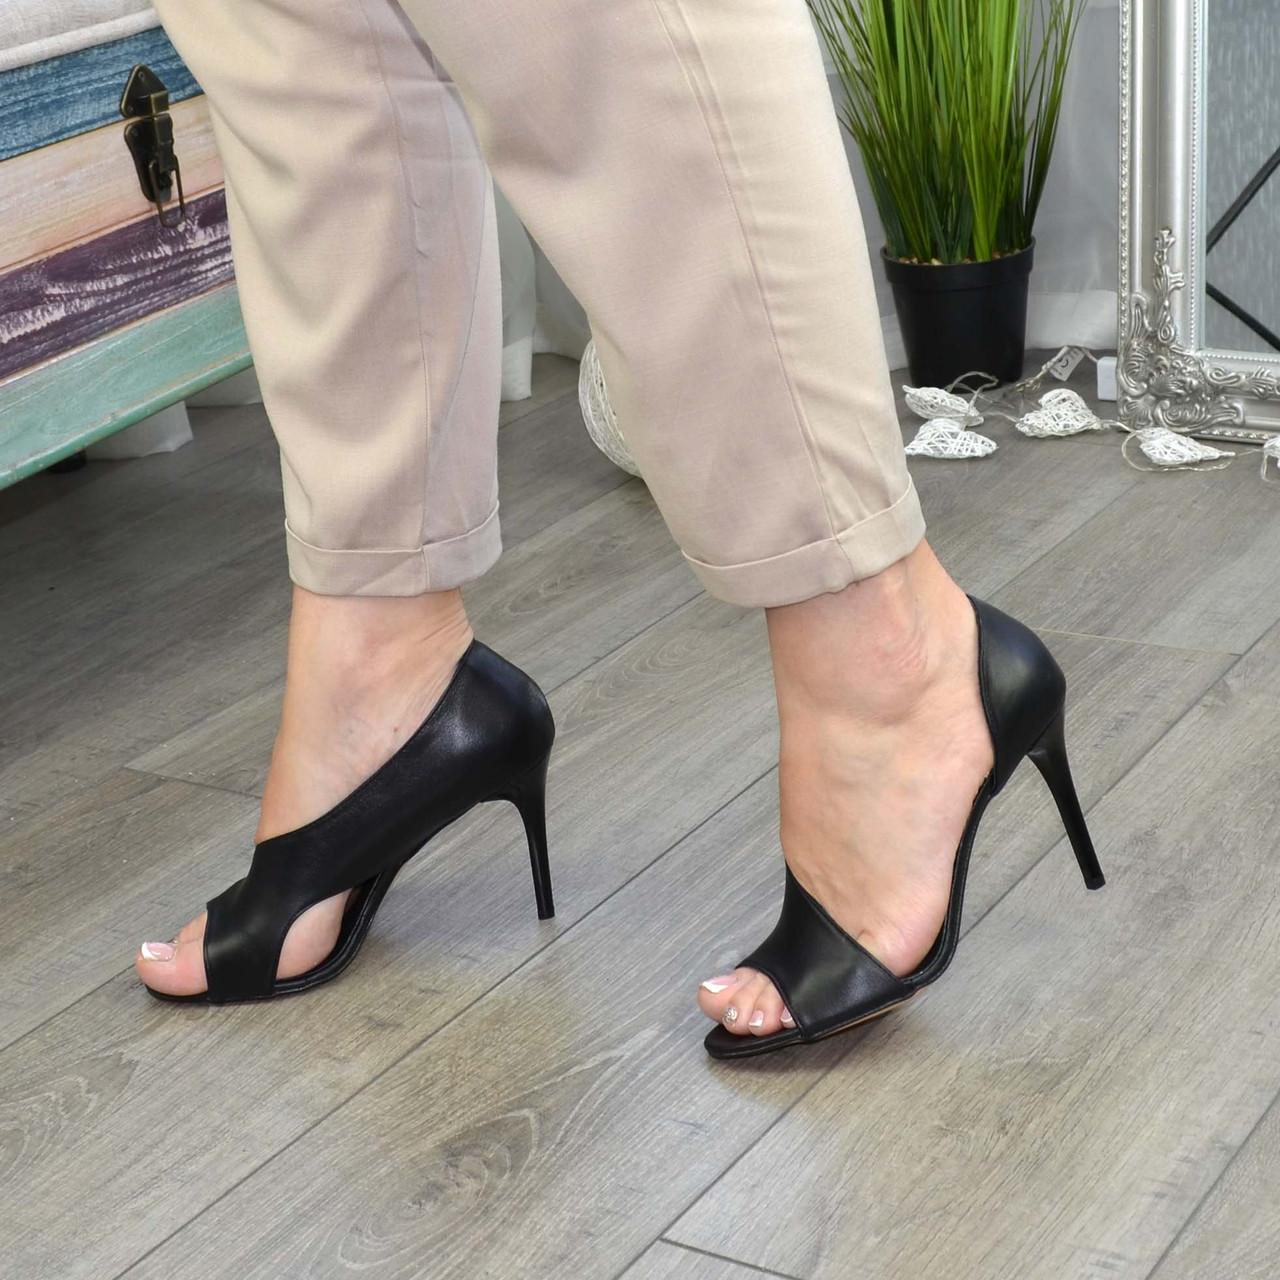 Босоножки женские кожаные на шпильке, цвет черный